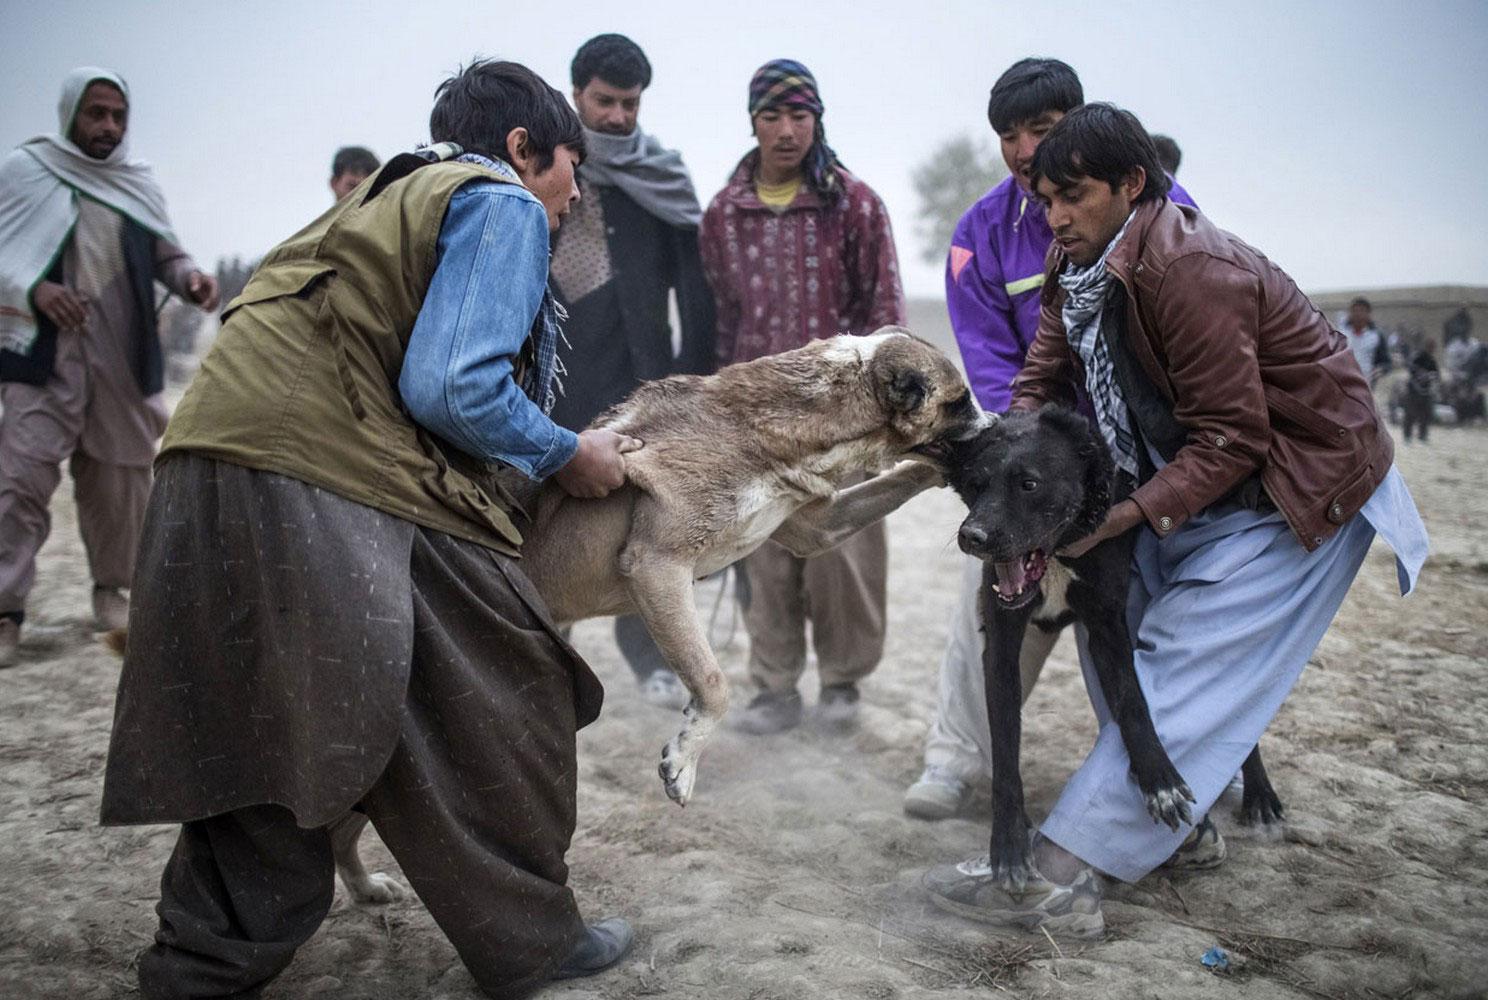 собачьи бои в Афганистане, фото